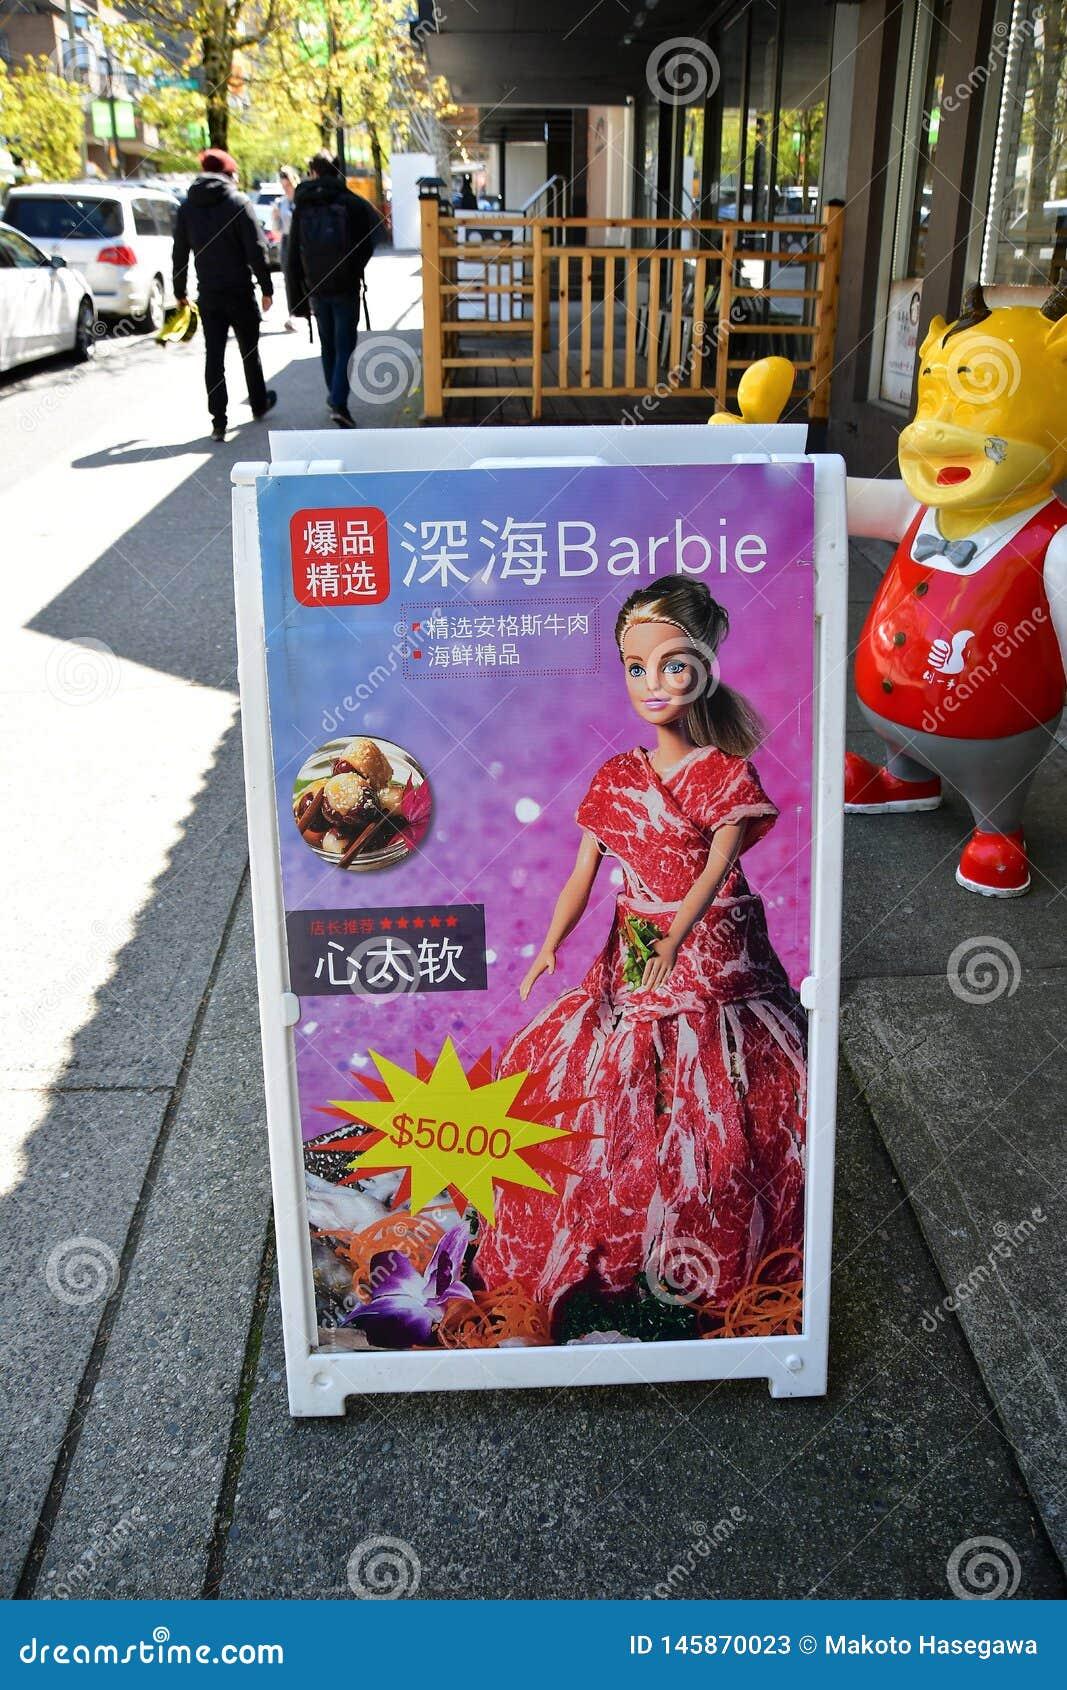 Mer profonde Barbie  Barbie Des ressembler à la poupée de Barbie ont été enveloppés avec de la viande coupée en tranches mince